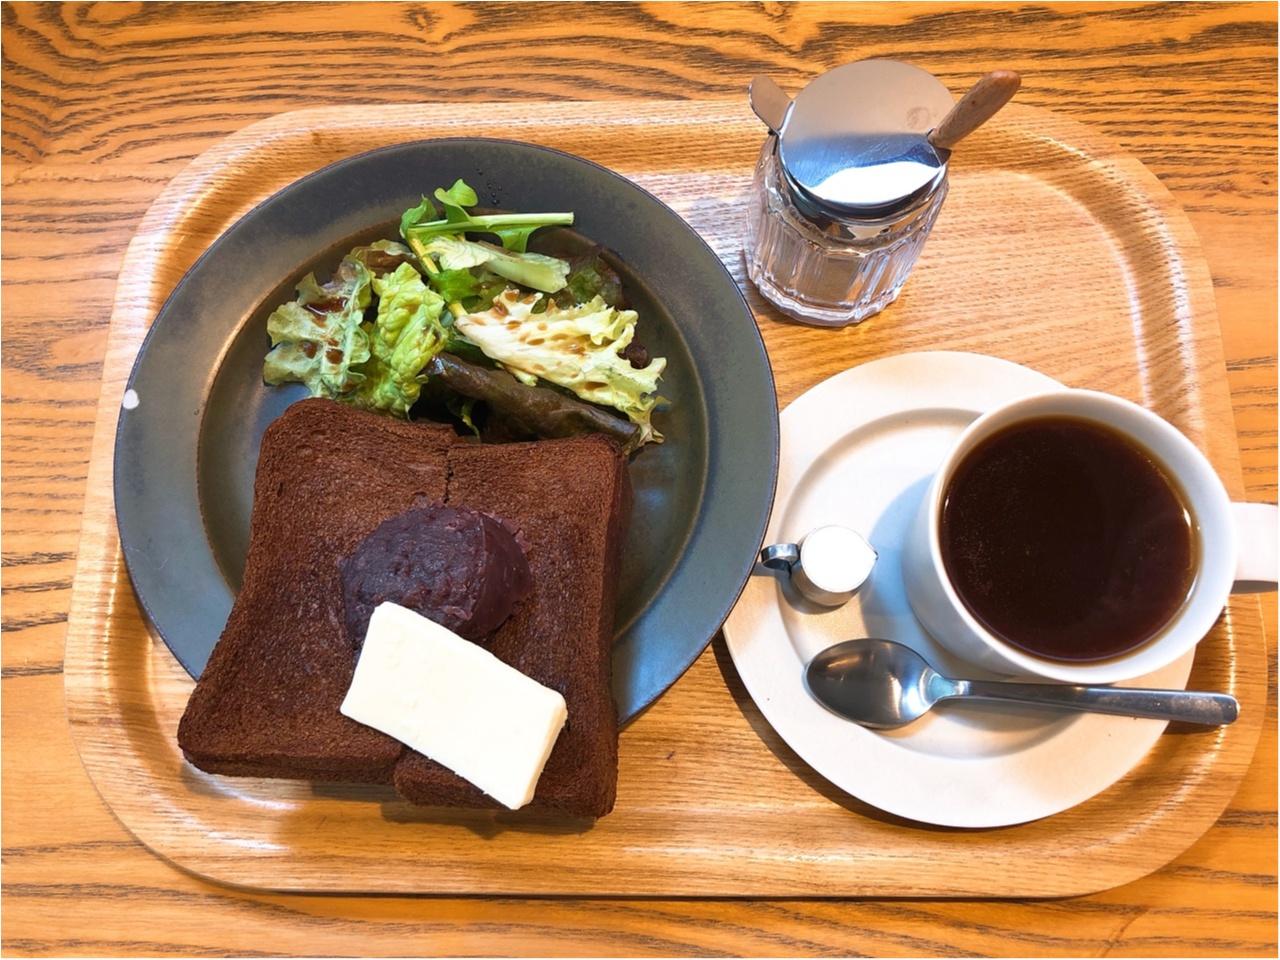 【銀座カフェ】小倉あんバタートースト+コーヒーが550円で食べられるお得モーニング!!_3